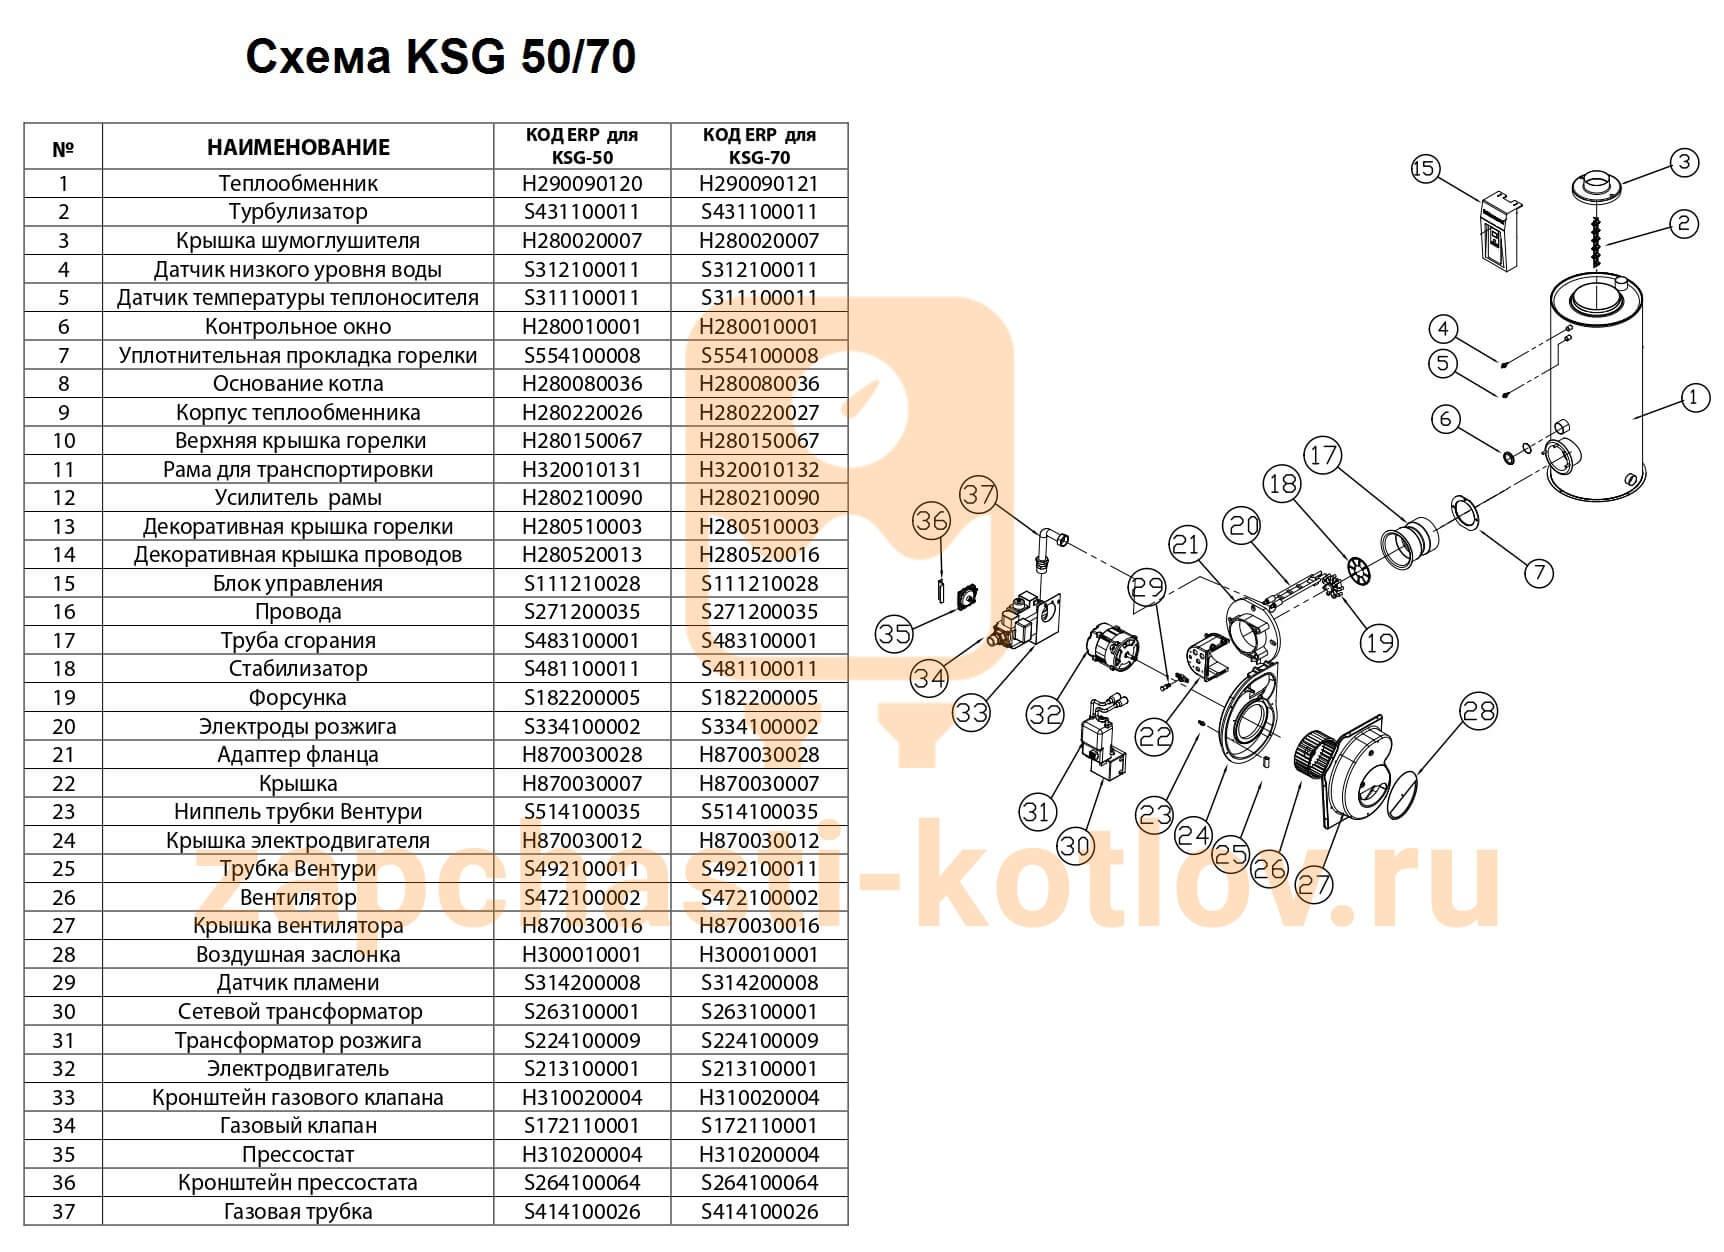 Kiturami KSG 50/70